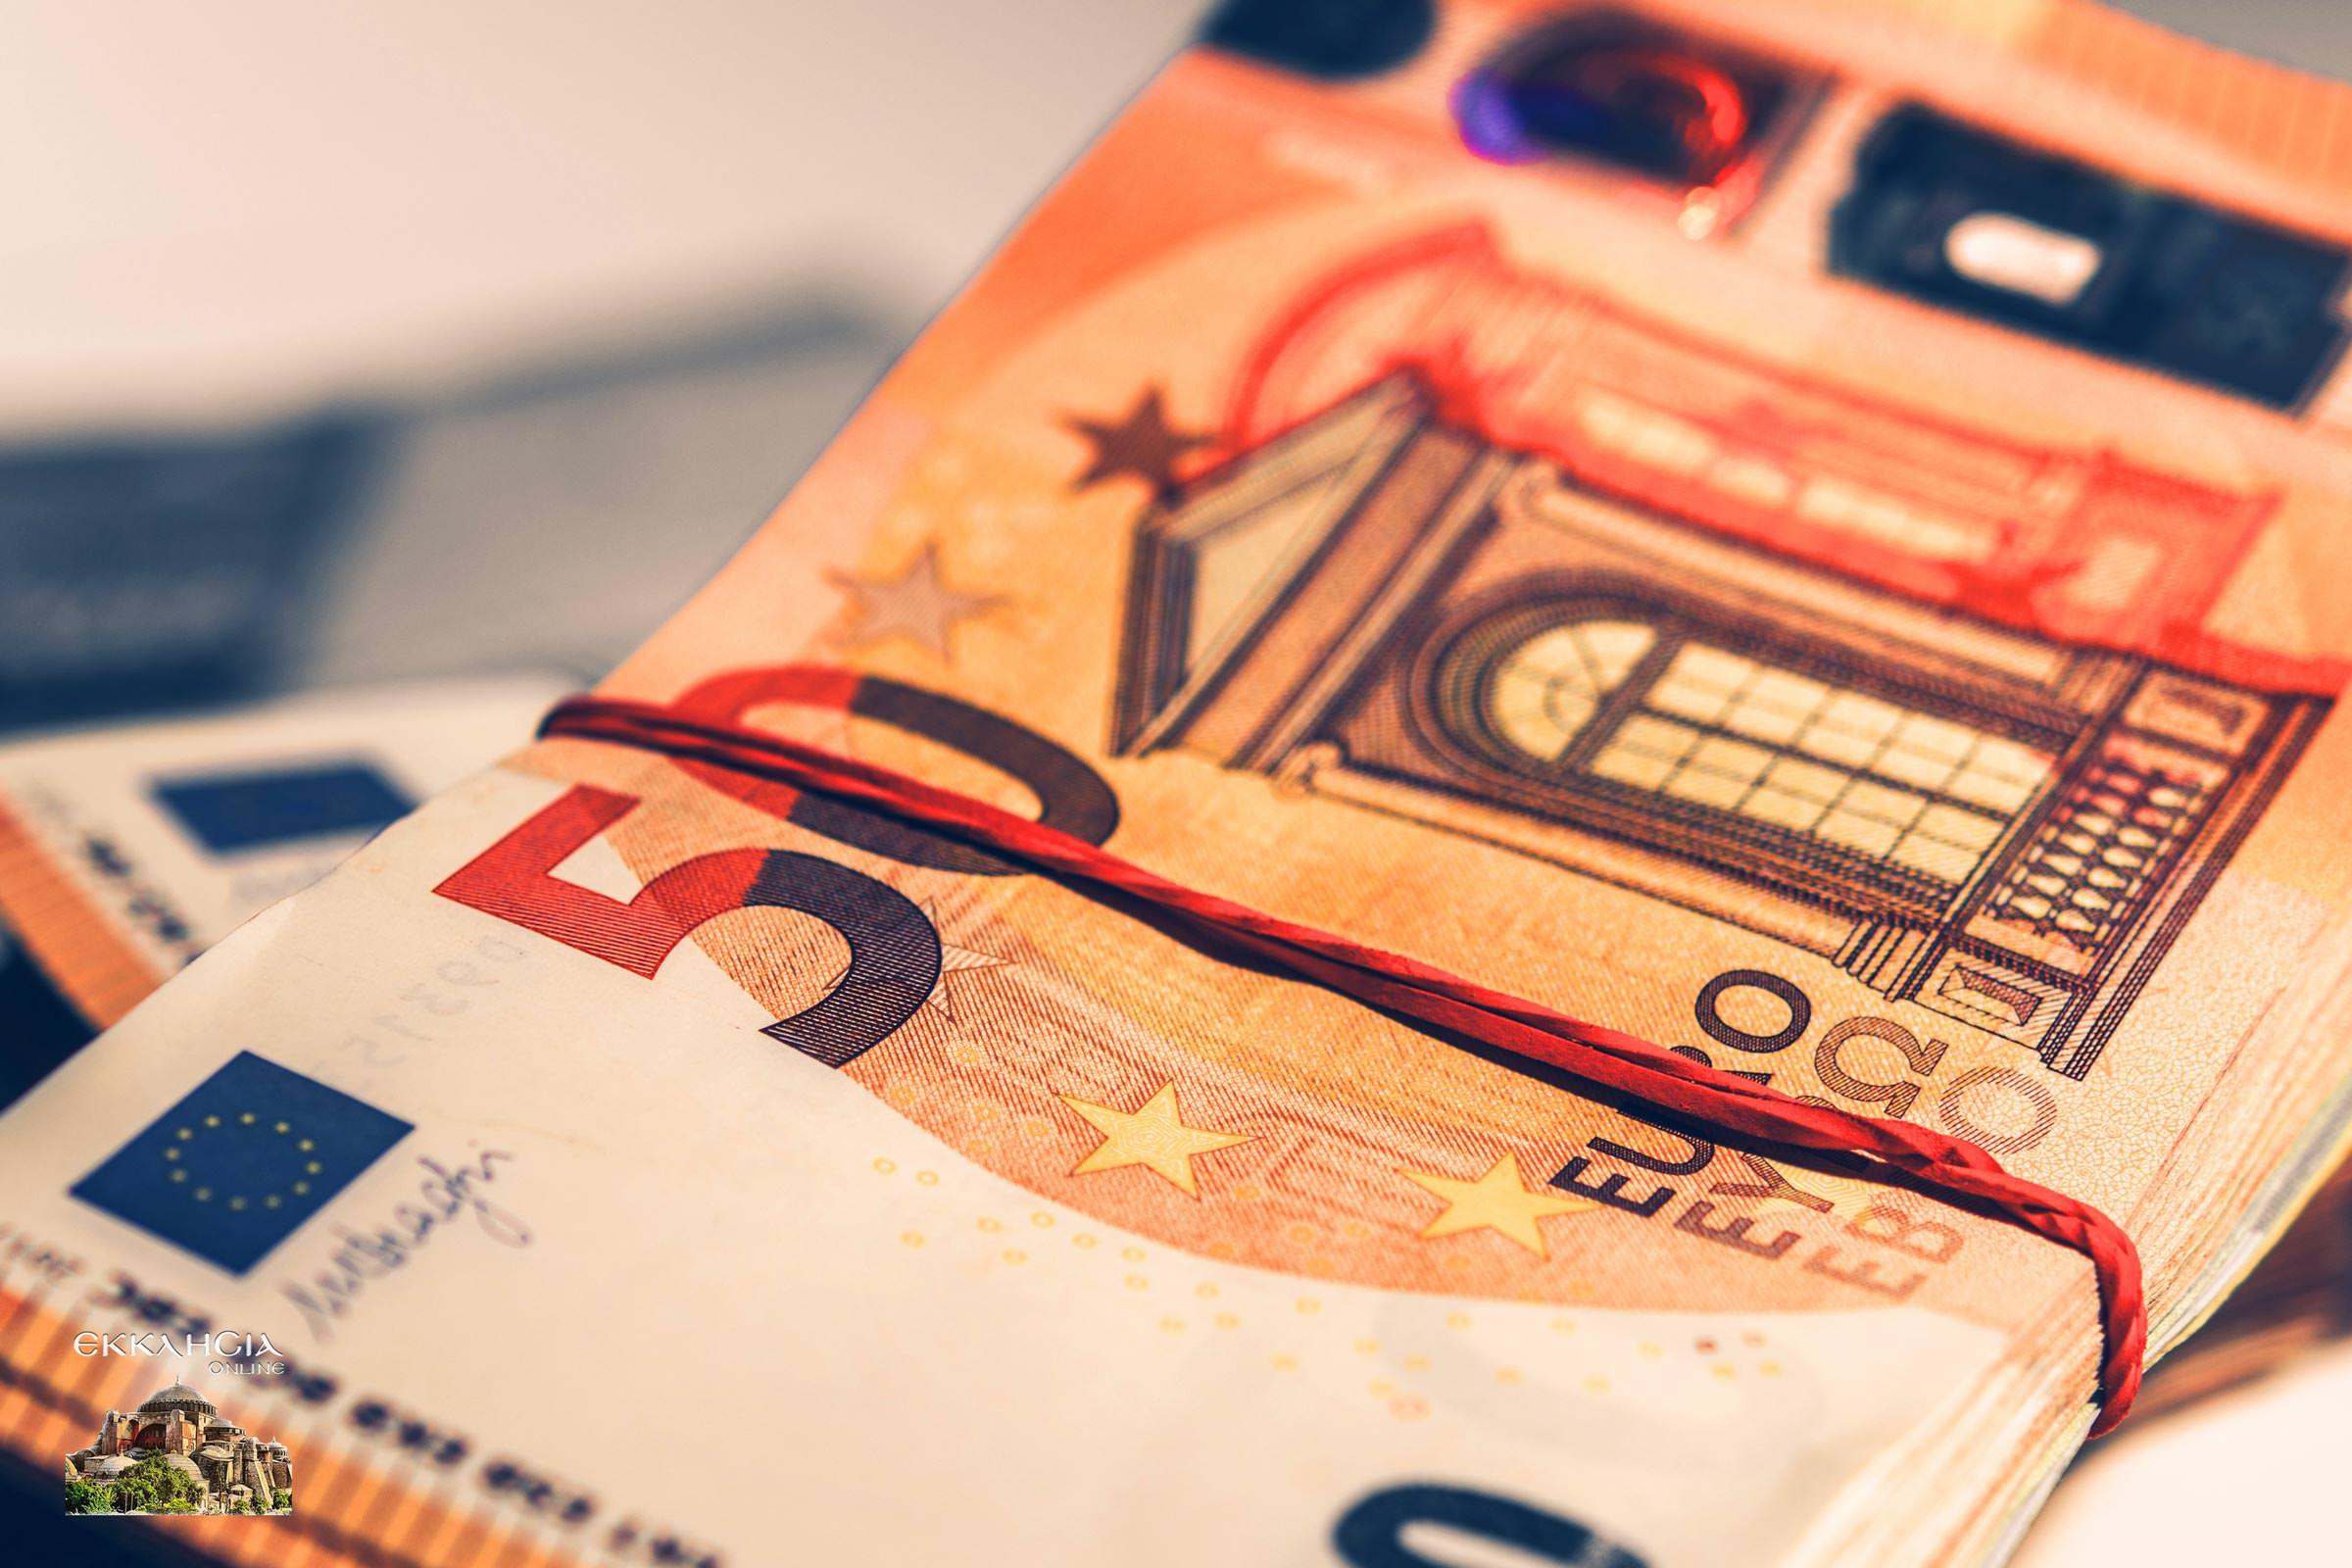 επίδομα προθεσμίες χρήματα πληρωμή